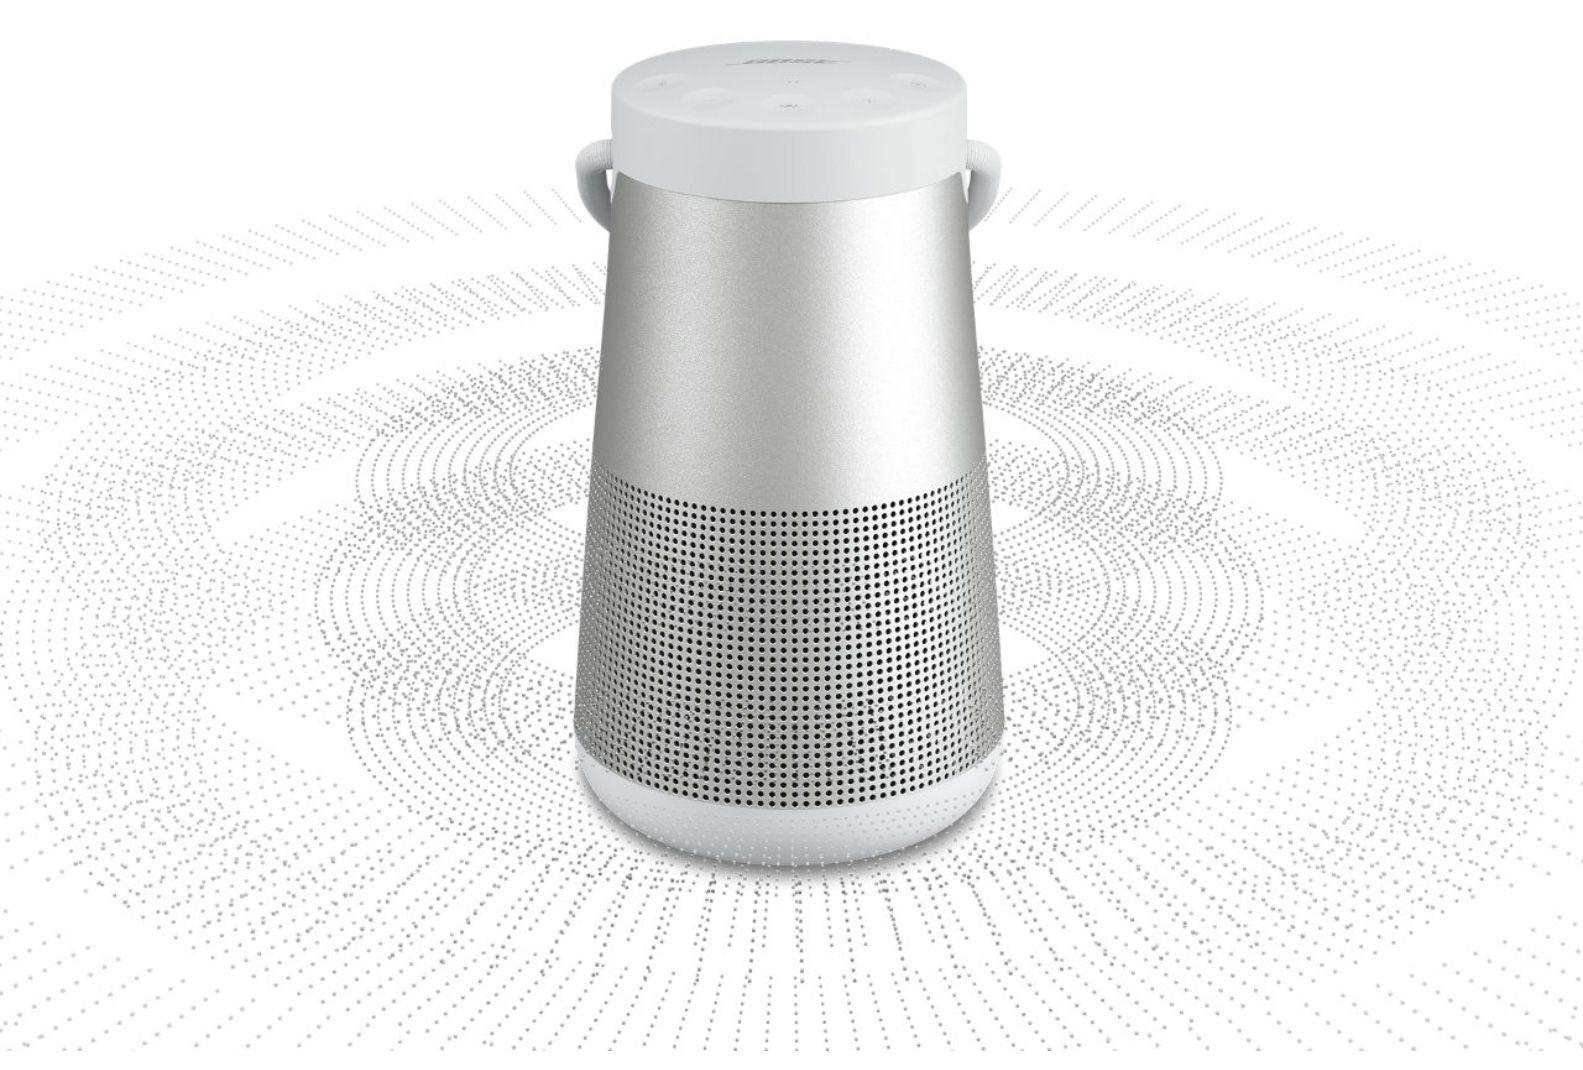 楽天市場 Bose Soundlink Revolve Bluetooth スピーカー ポータブル ワイヤレス ブルートゥース 360 全方位 Nfc対応 Ipx4 防滴 ボーズ オンラインストア スピーカー ボーズ Bluetooth スピーカー